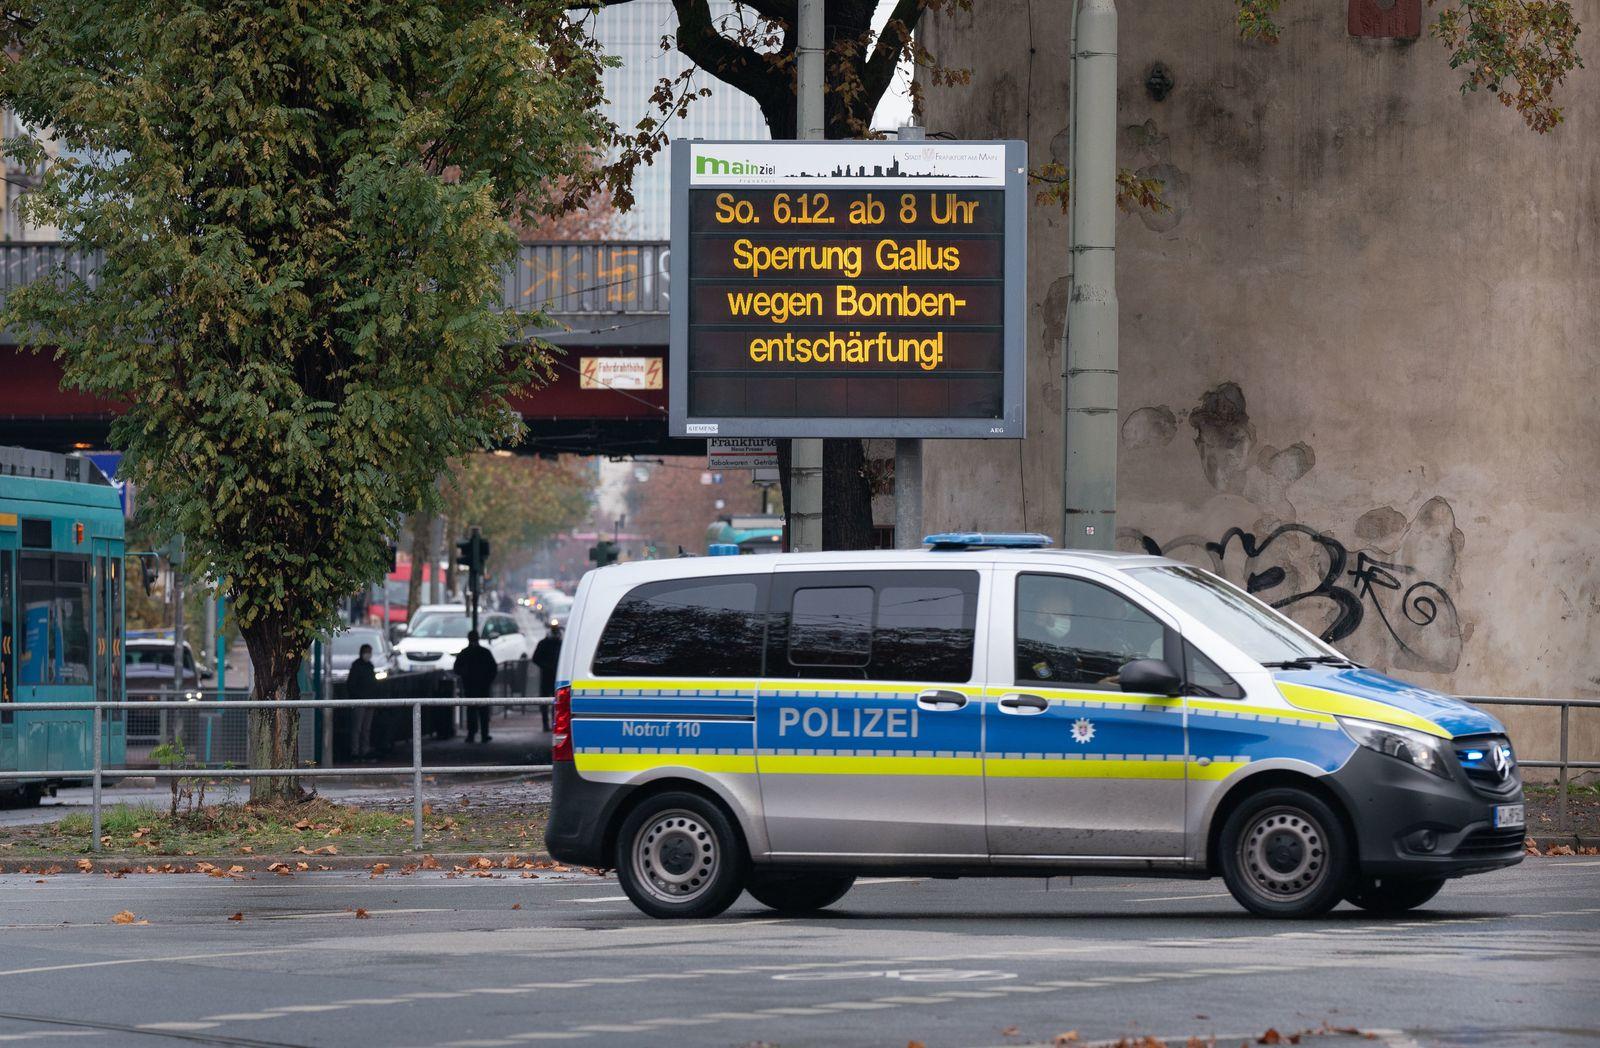 Vor Bombenentschärfung im Frankfurter Gallusviertel